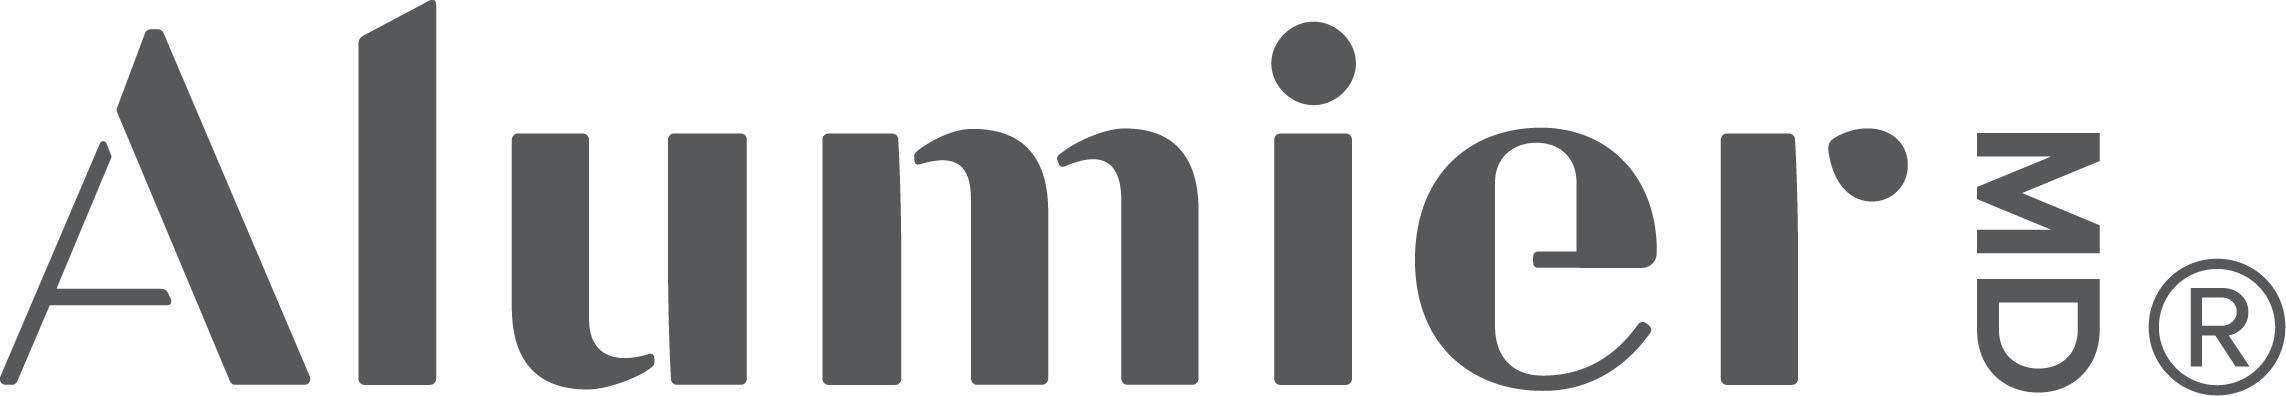 AlumierMD®_bw